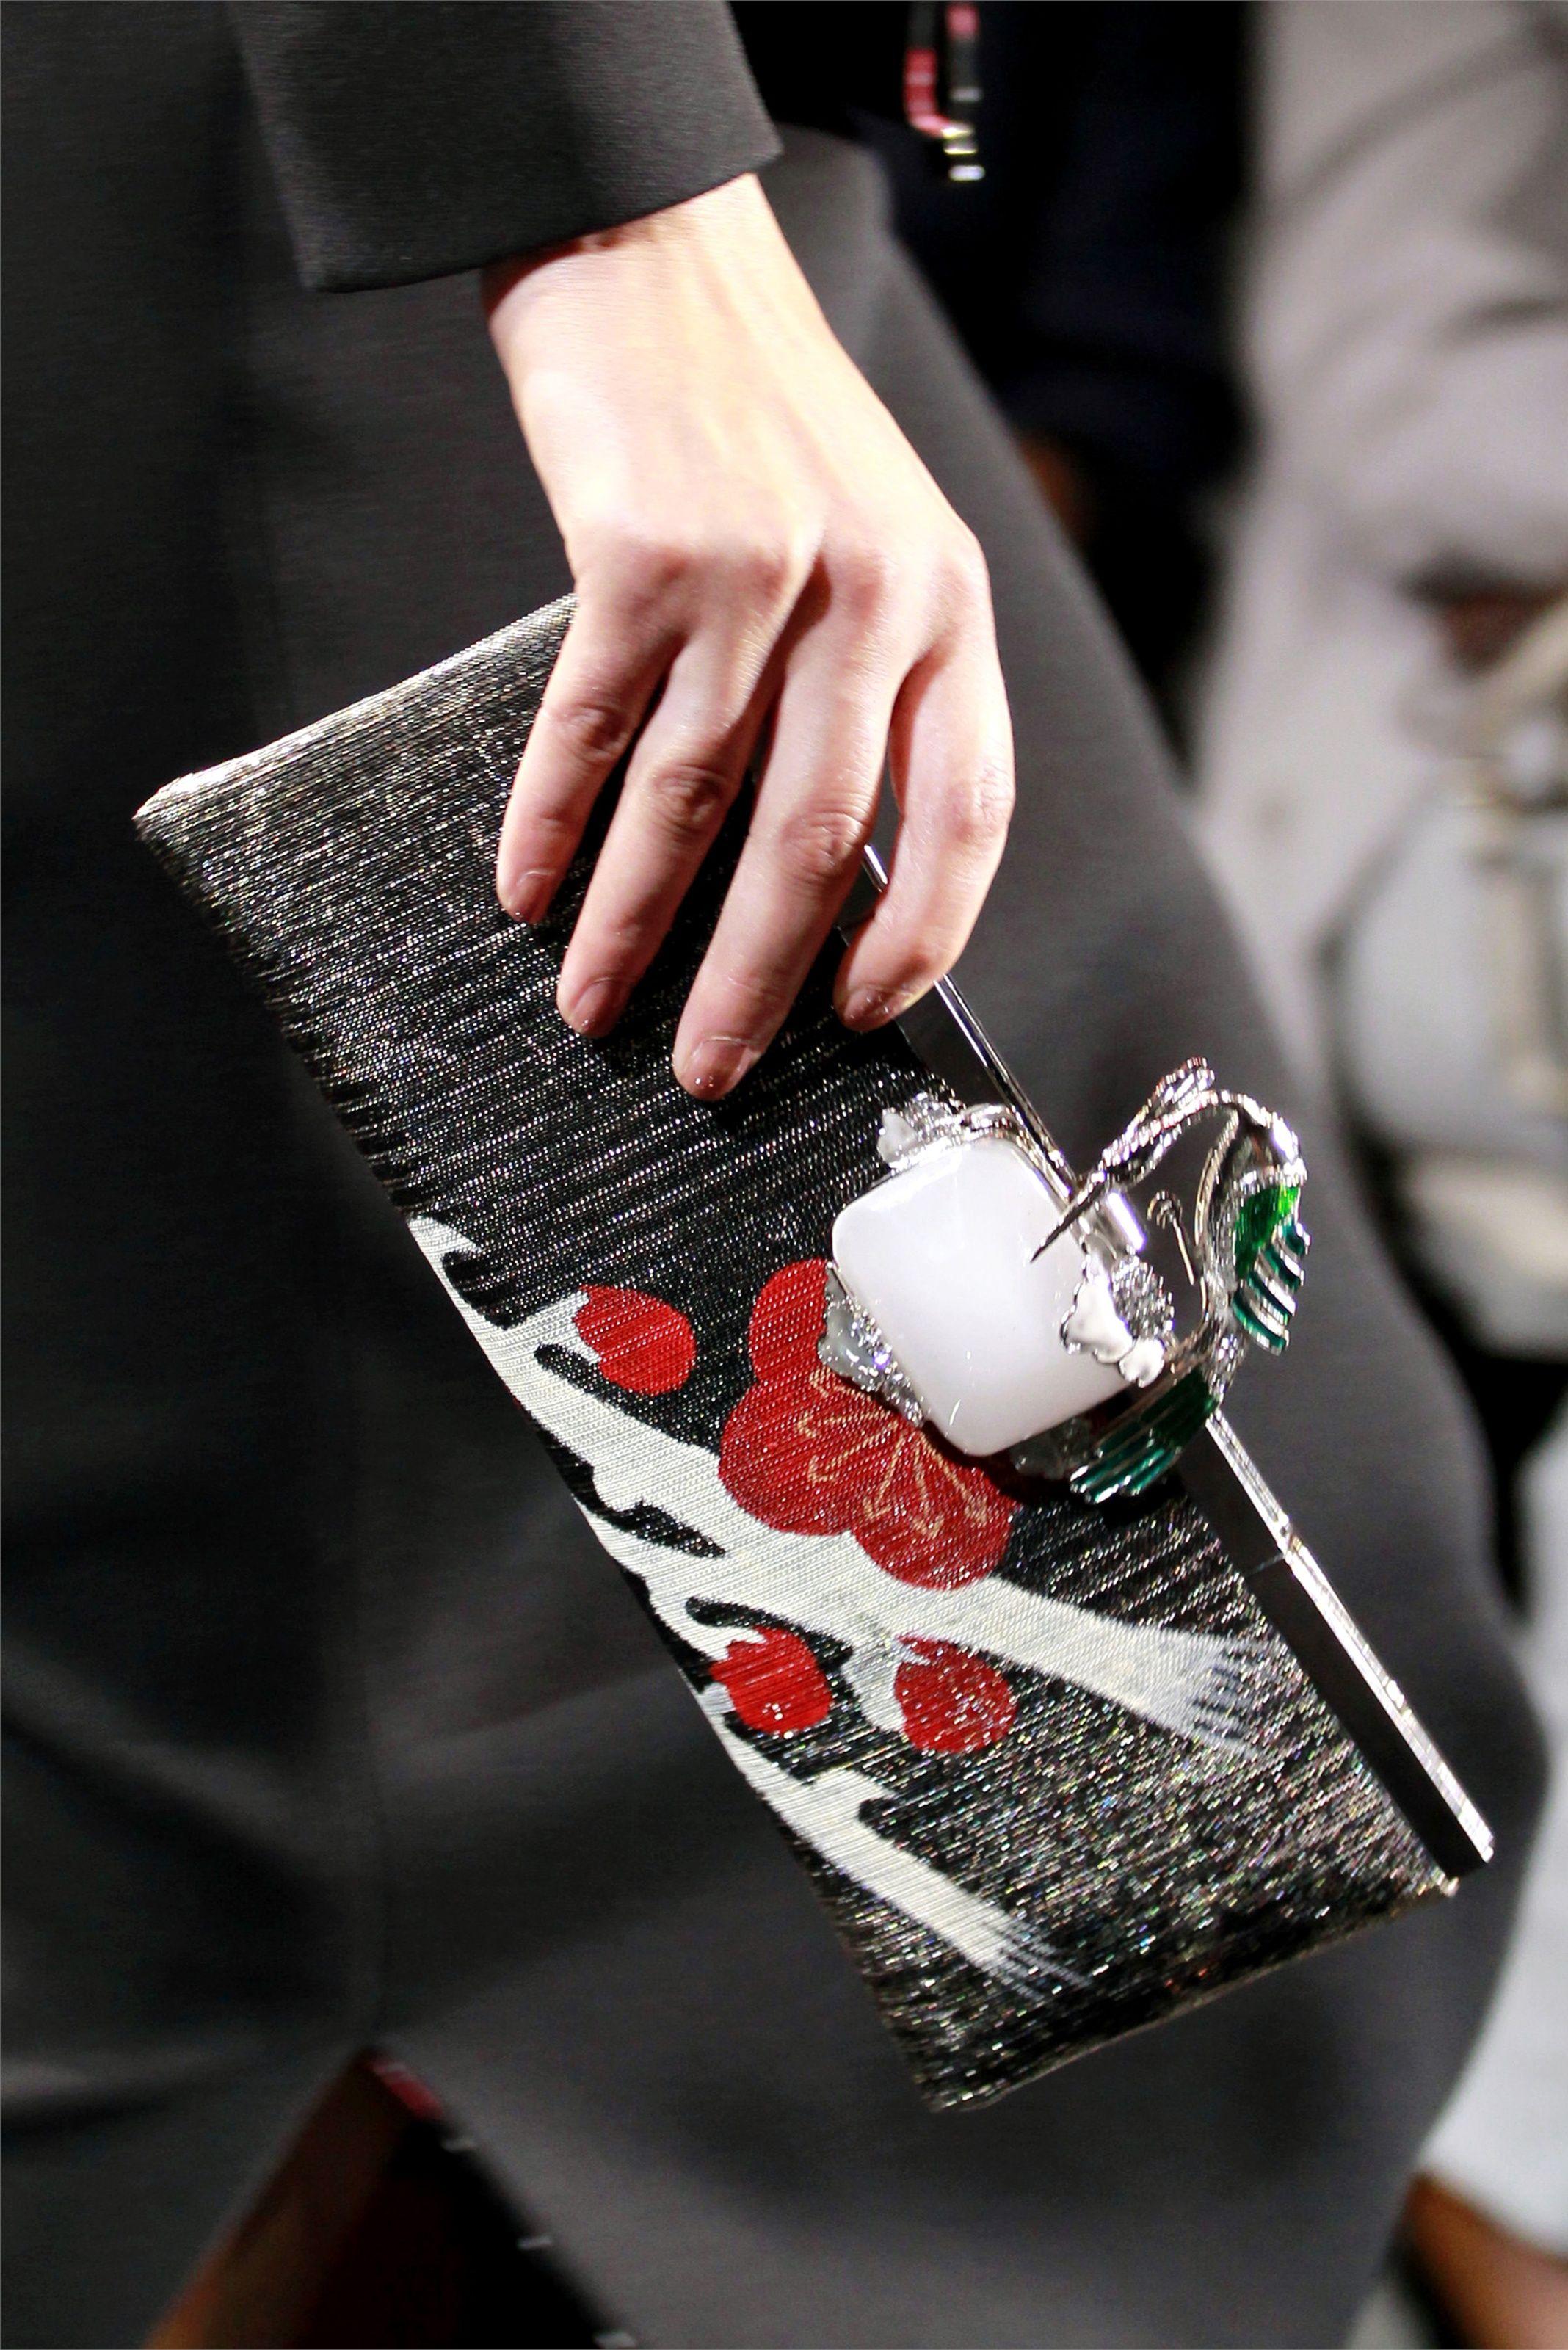 Giorgio Armani Privé Alta Moda Autunno Inverno 2011/2012 / Parigi. Jewel clutch #black #pochette #east